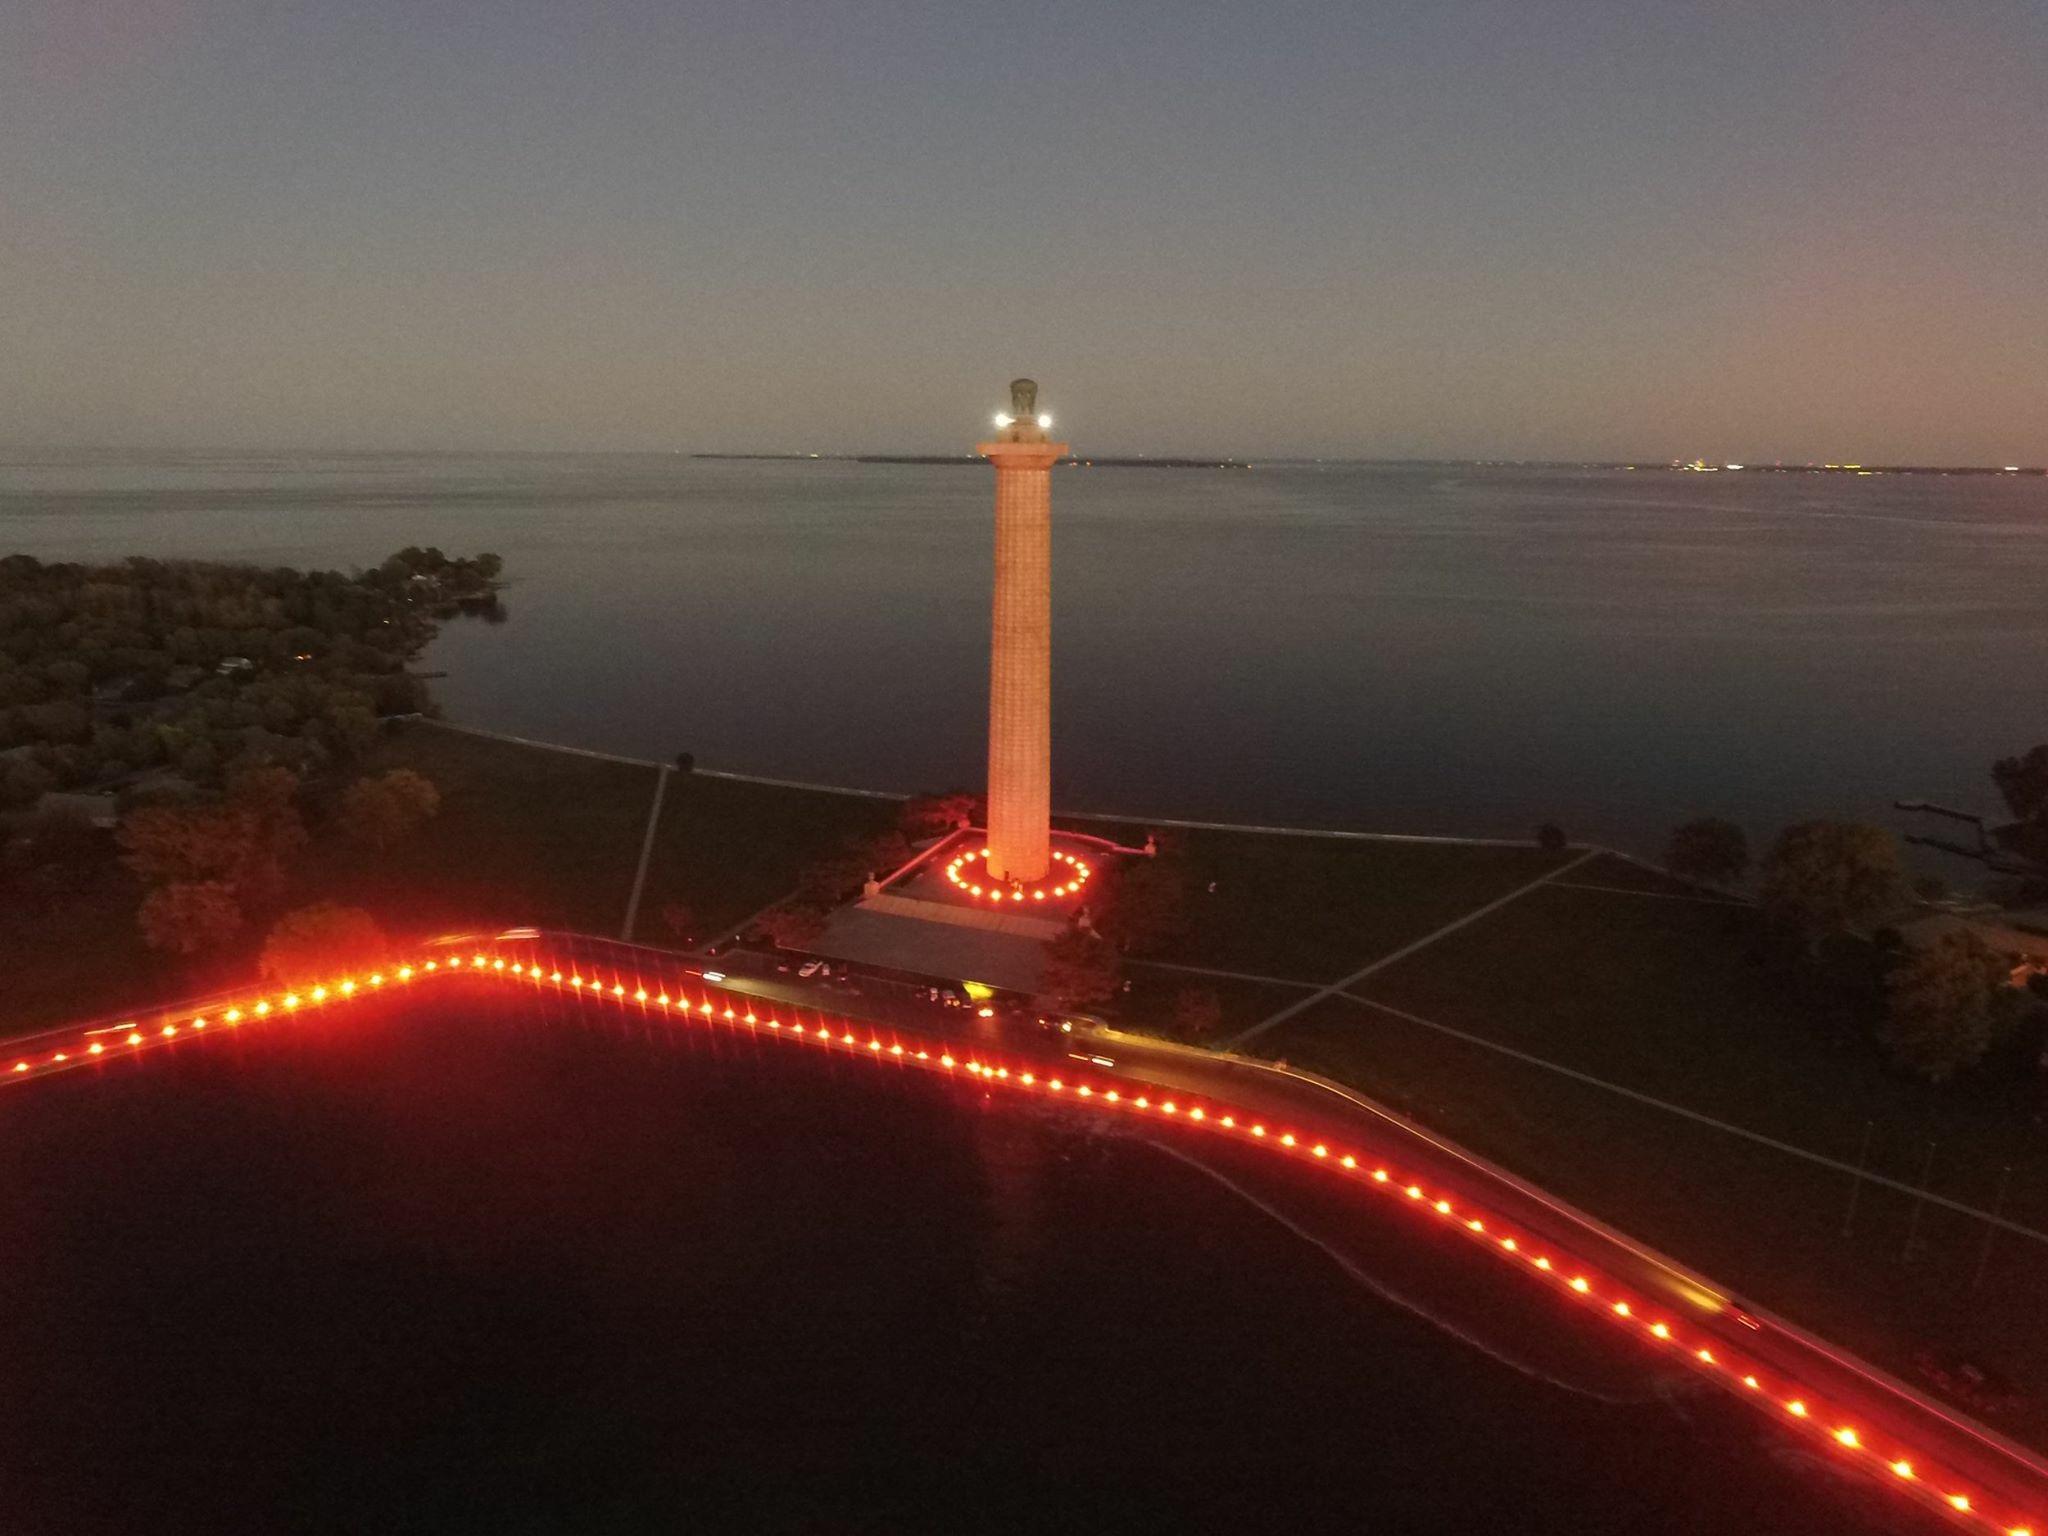 Harbor Illumination